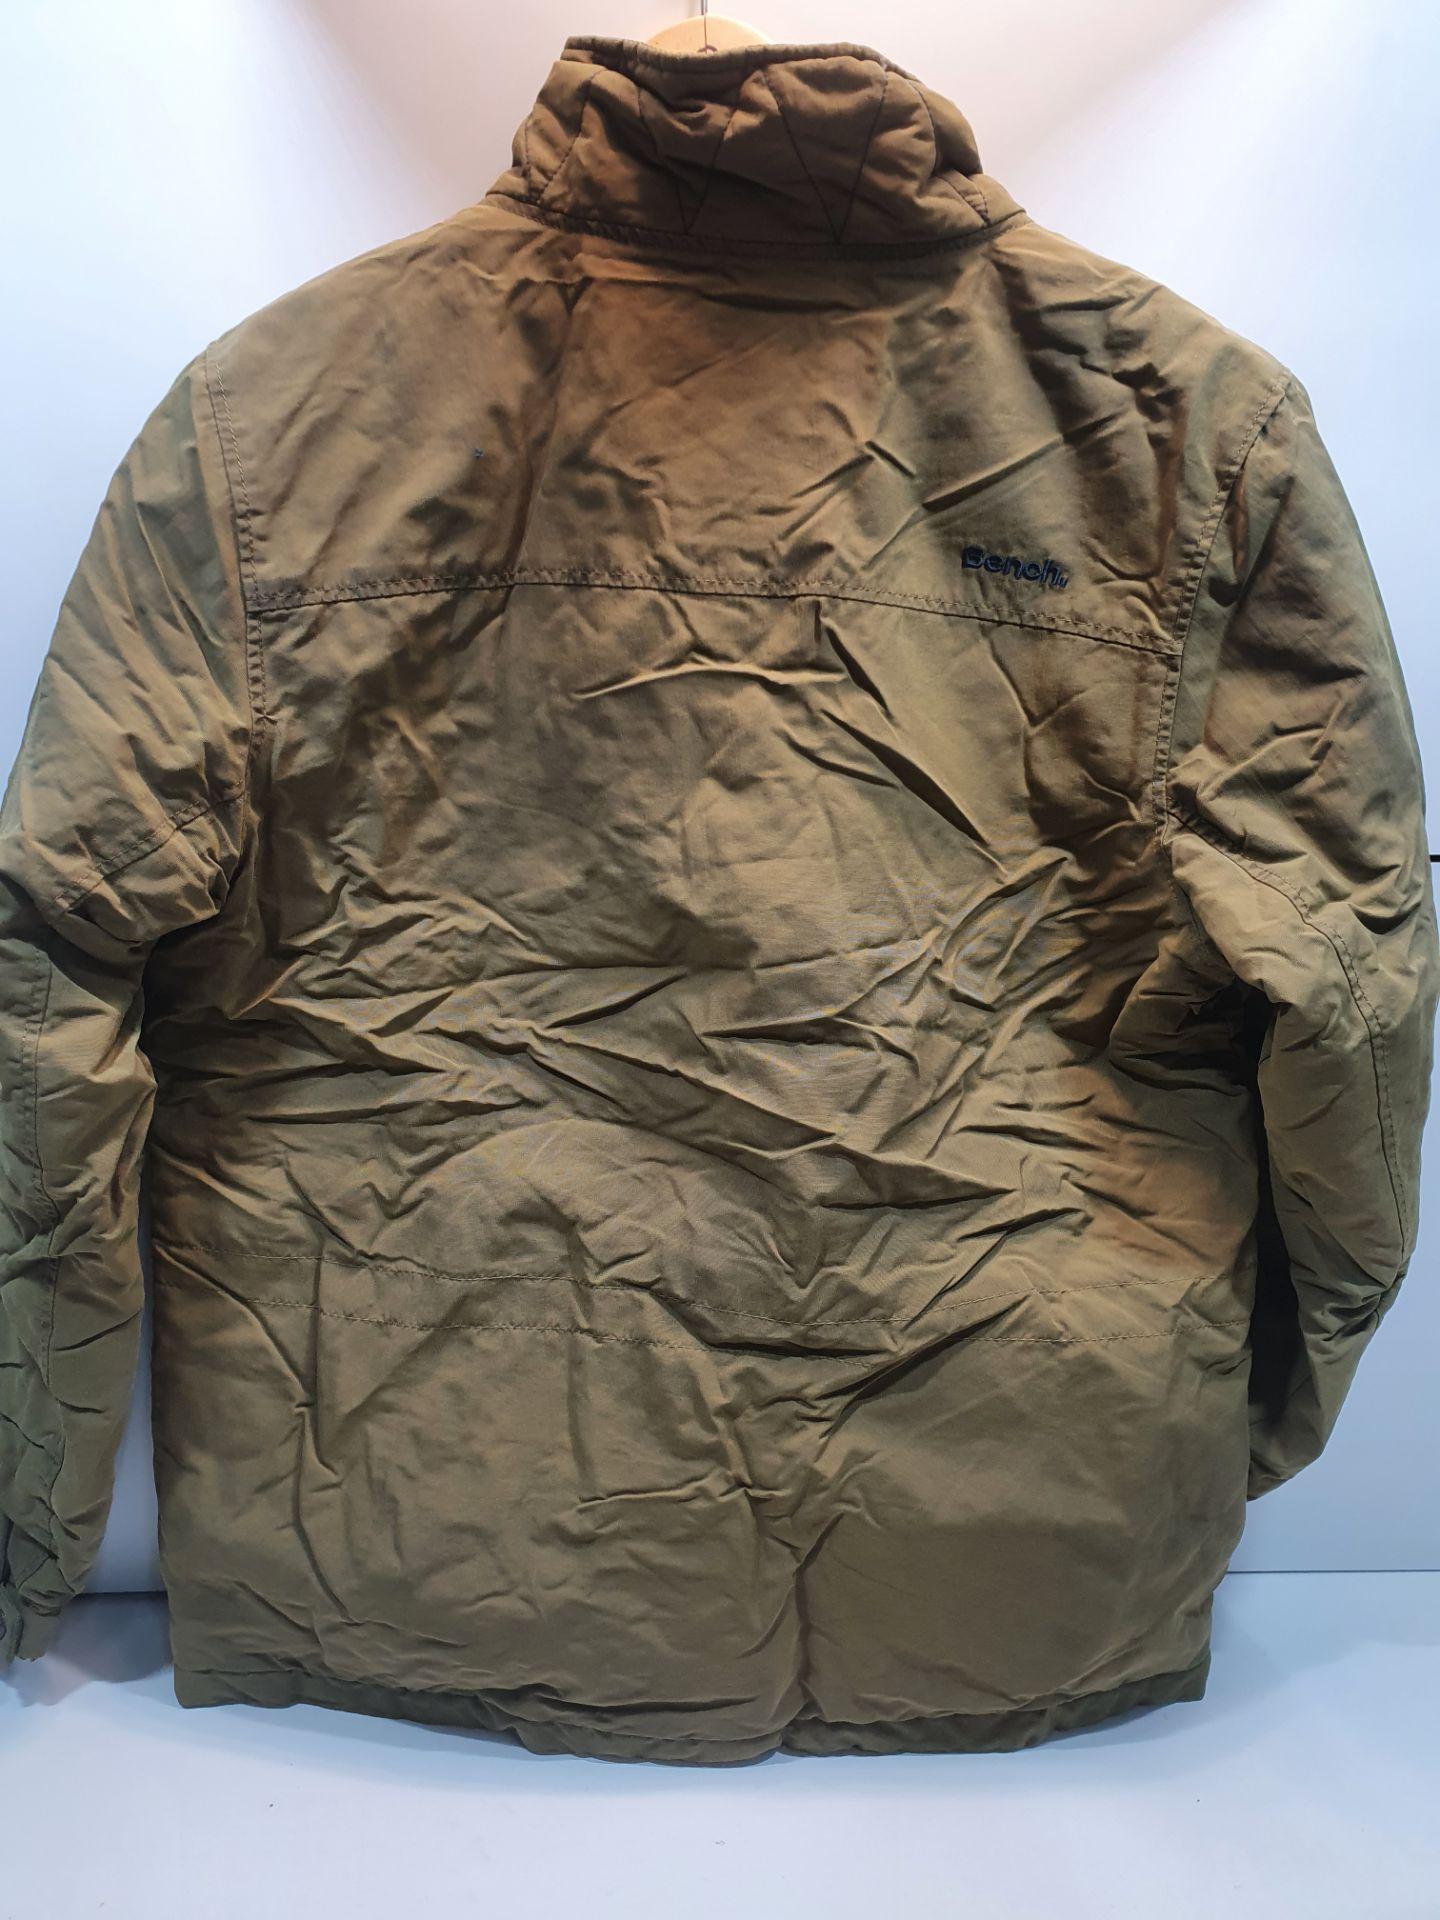 Bench Men's Funnel Neck Jacket - Image 2 of 4